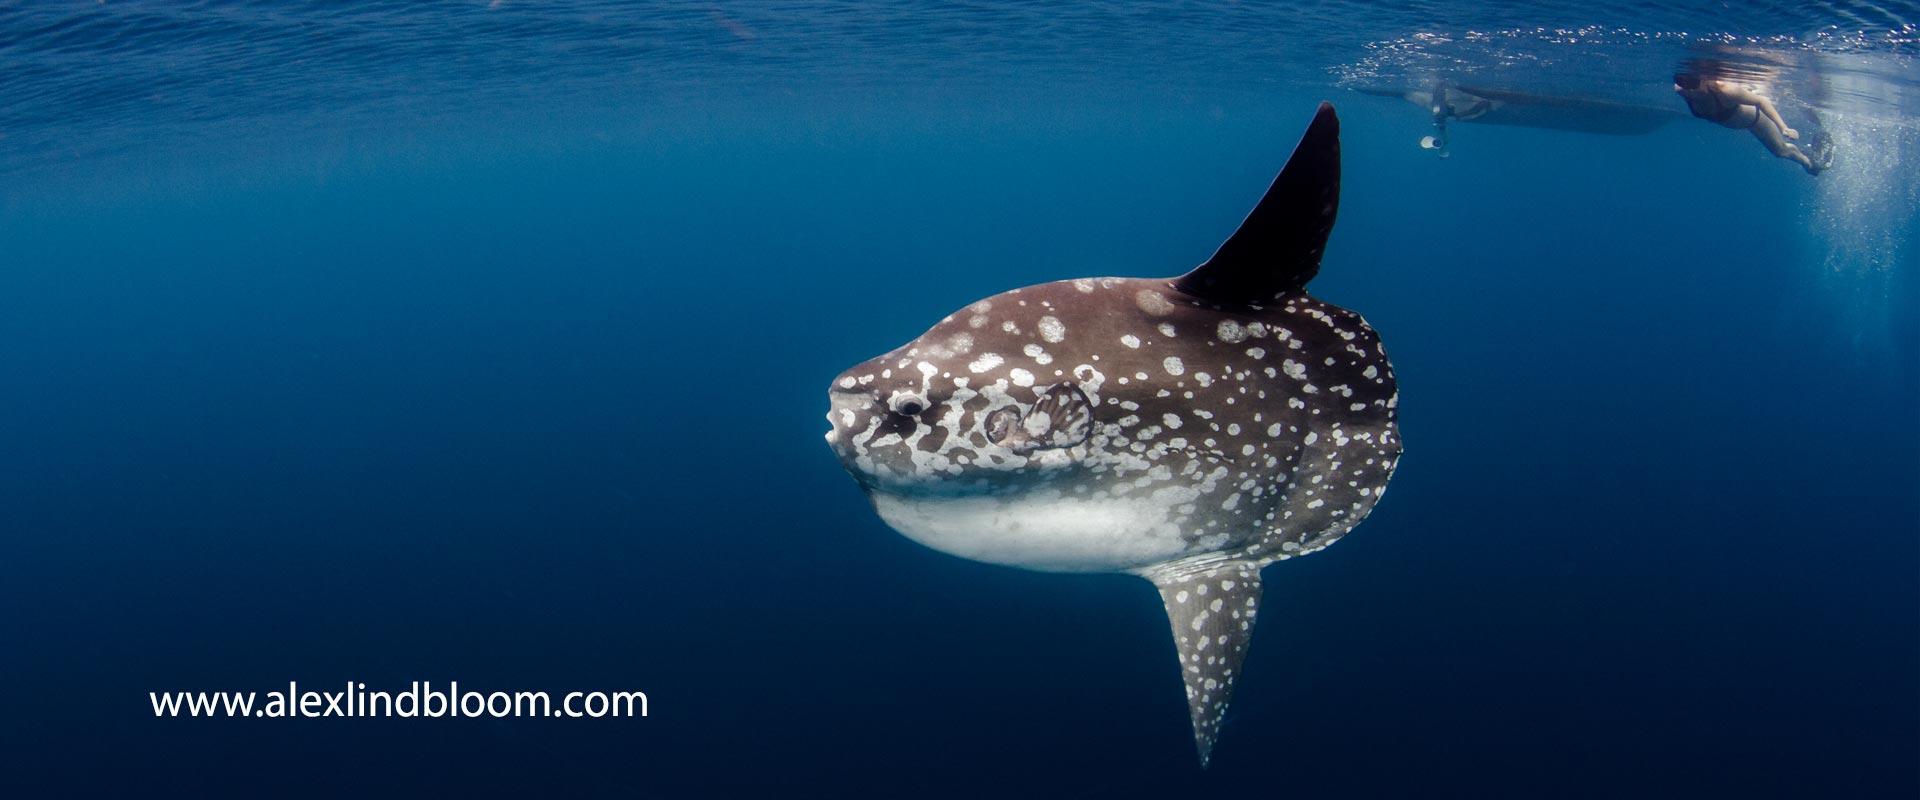 Mola-header